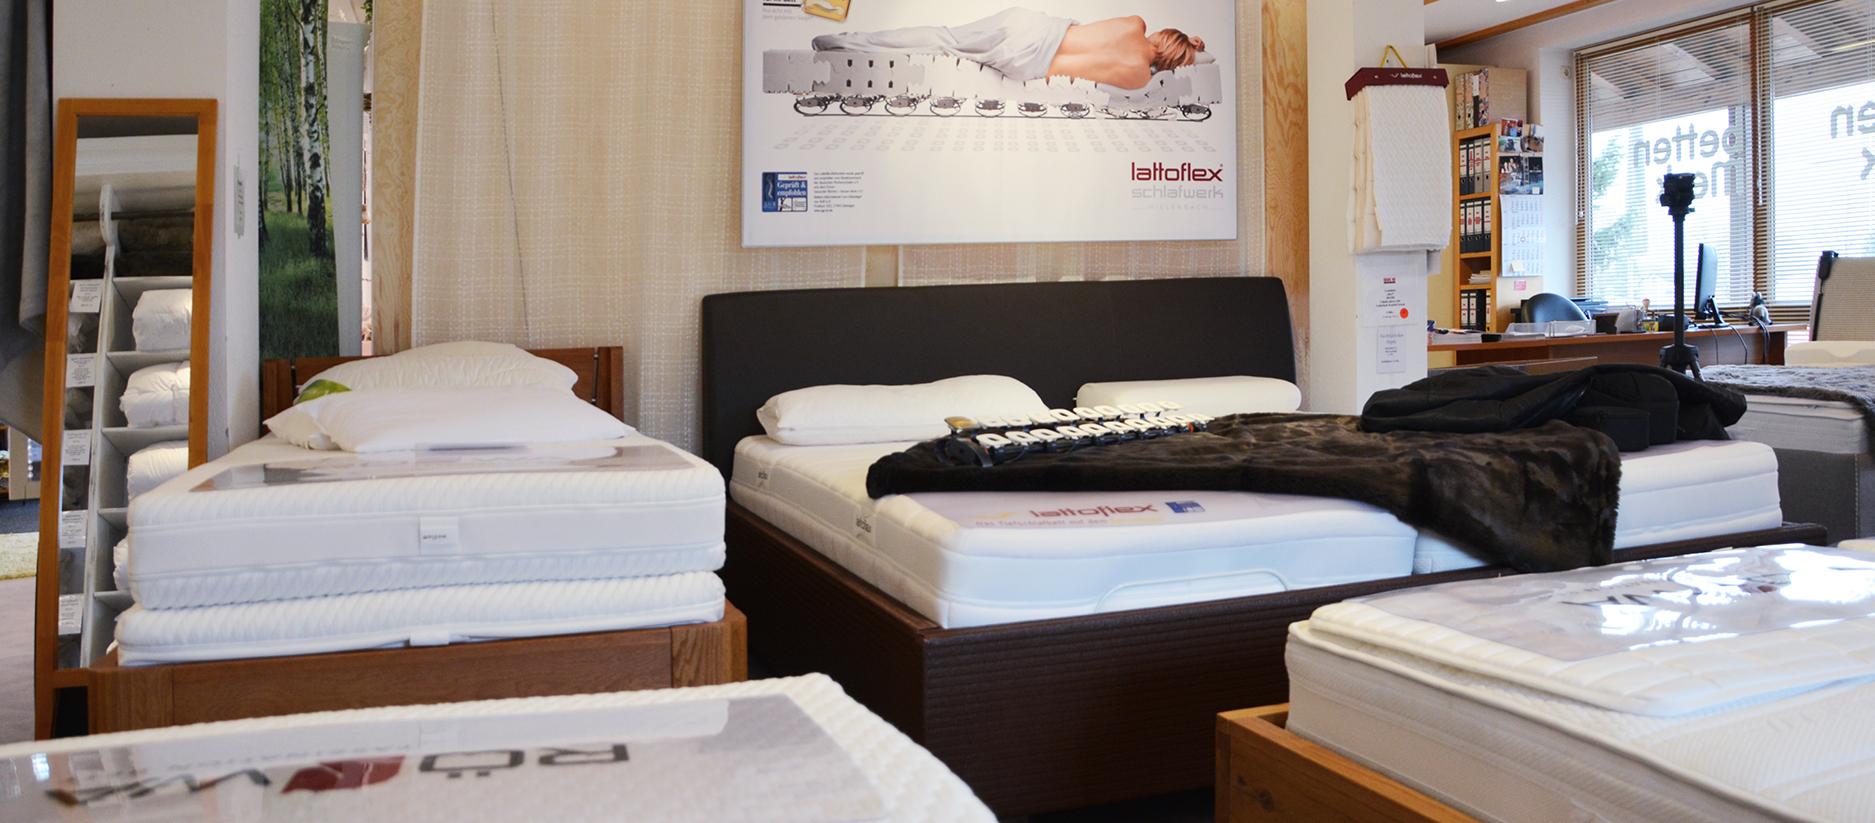 lattenroste von r wa dfb bettw sche kinder riegel schlafsofas ebay kleinanzeigen auf rechnung. Black Bedroom Furniture Sets. Home Design Ideas